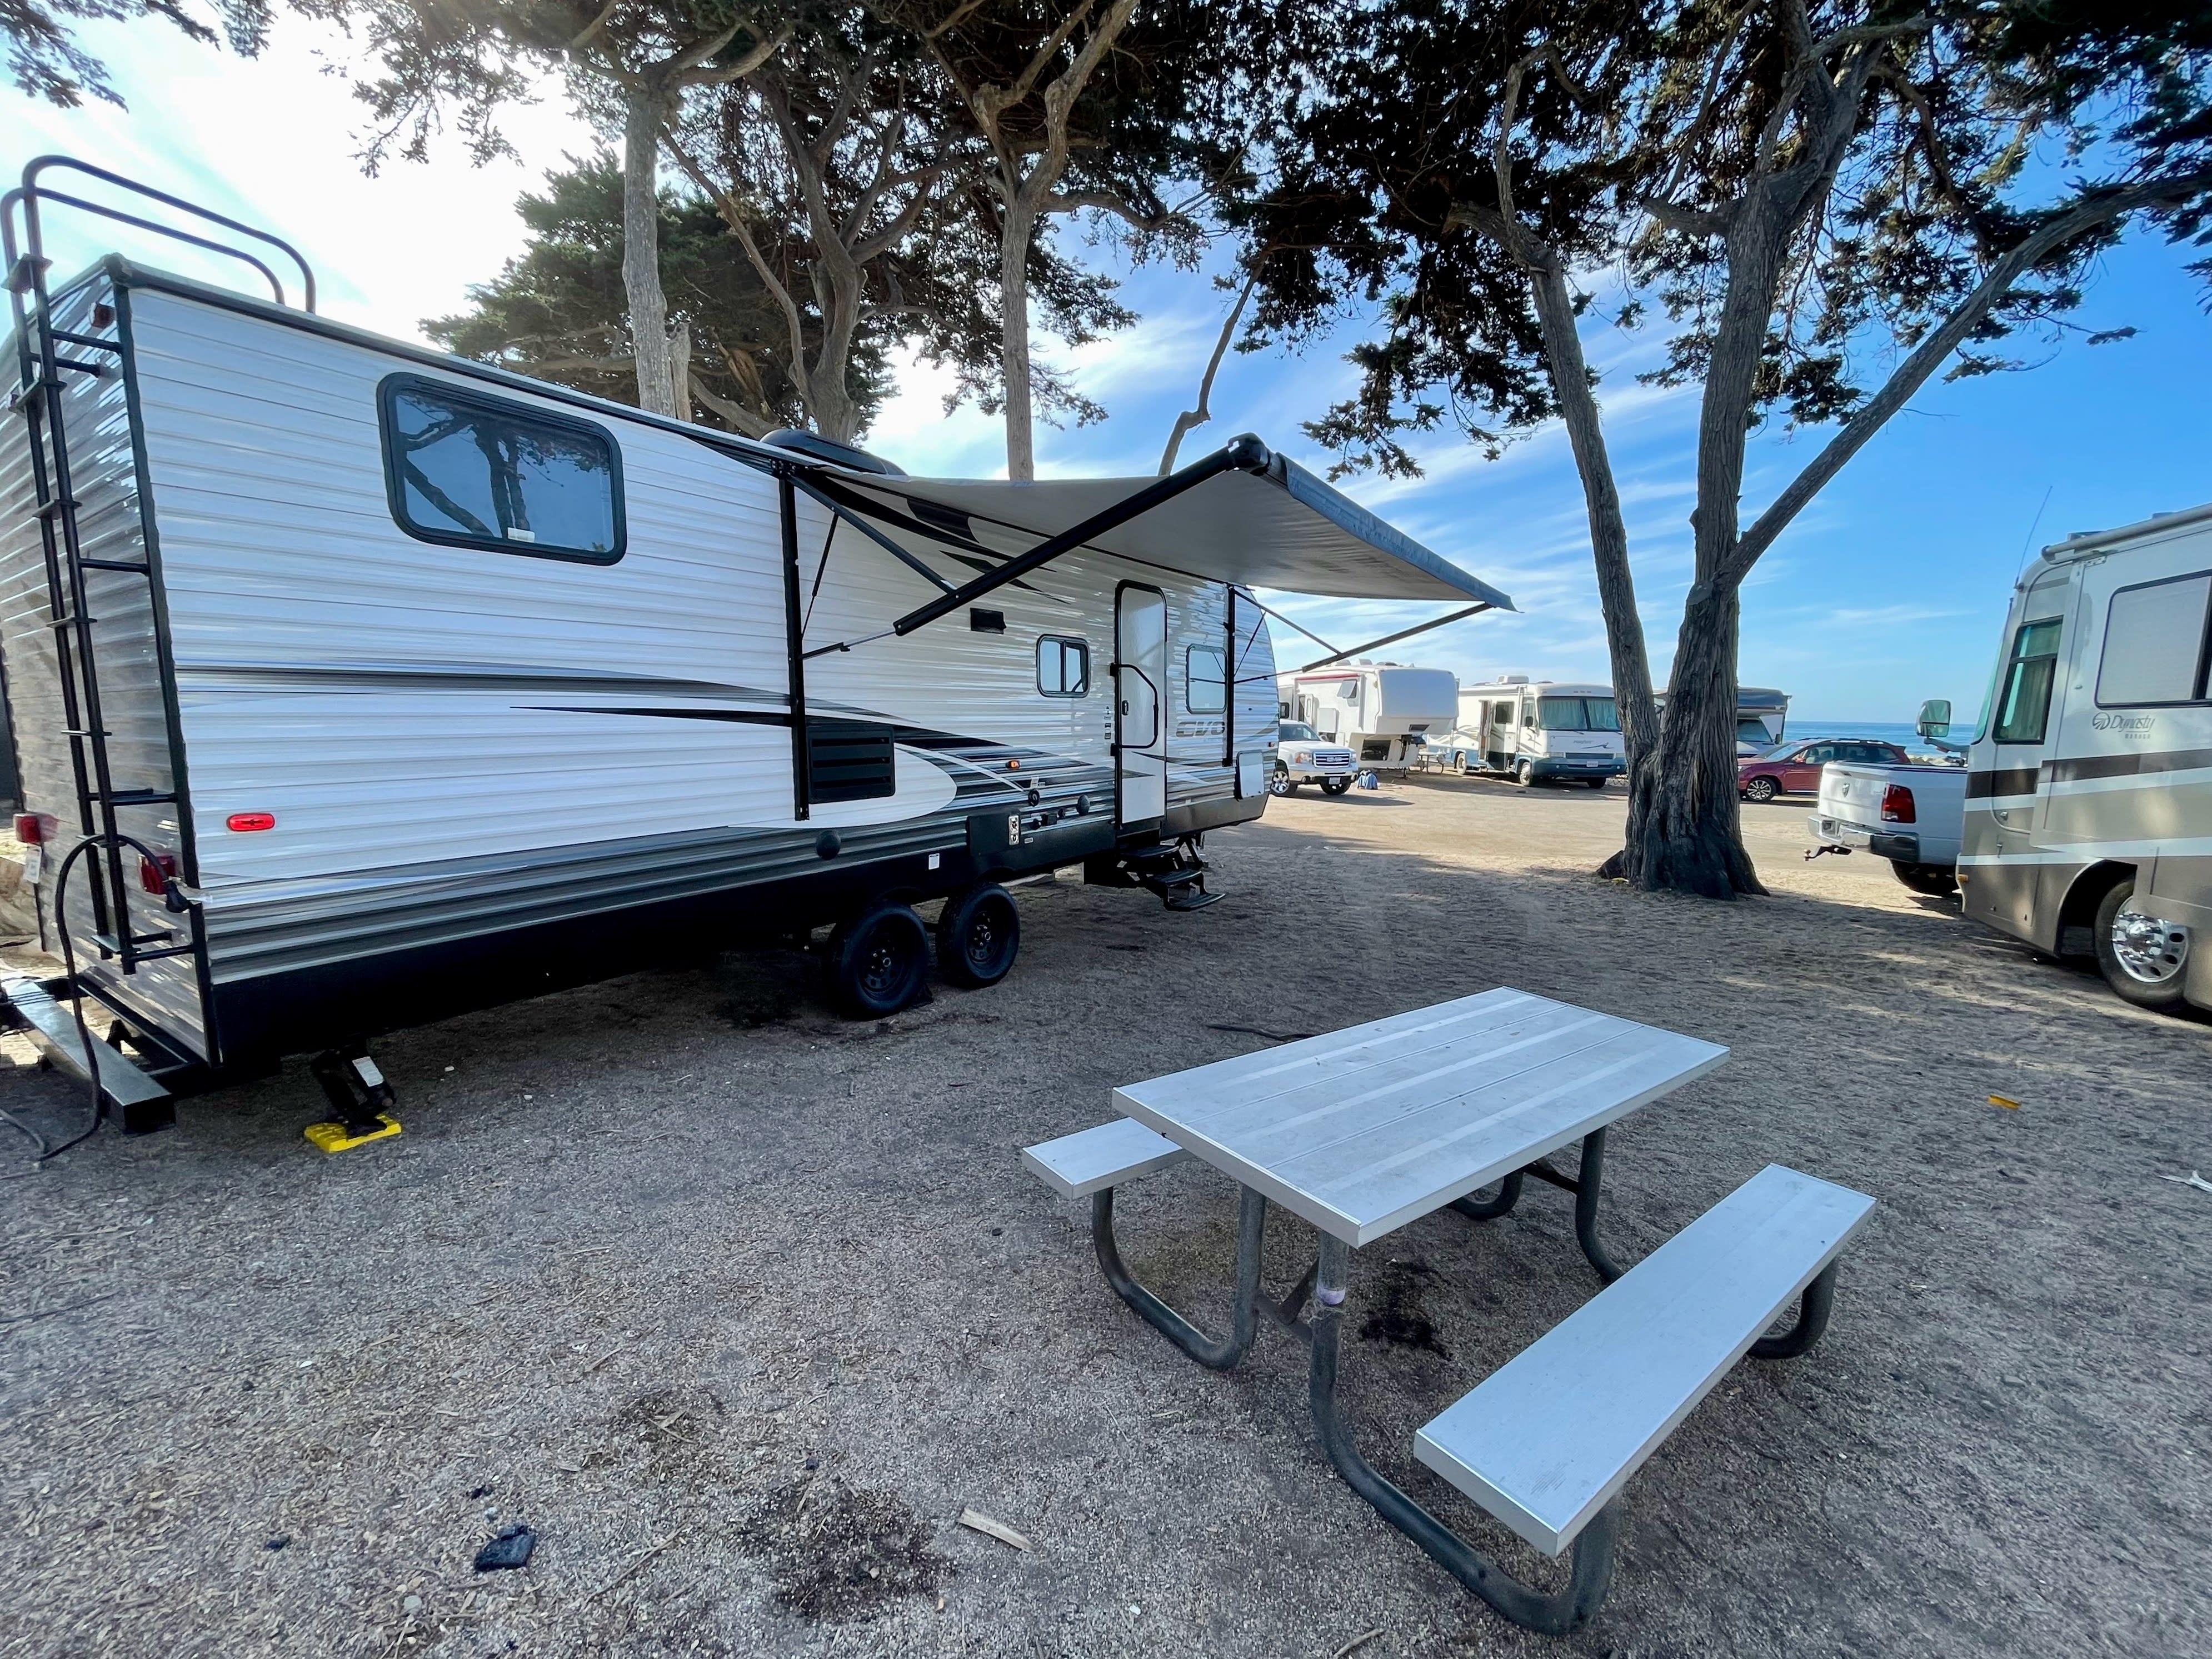 Faria Beach exterior. Forest River Evo T2550 2018